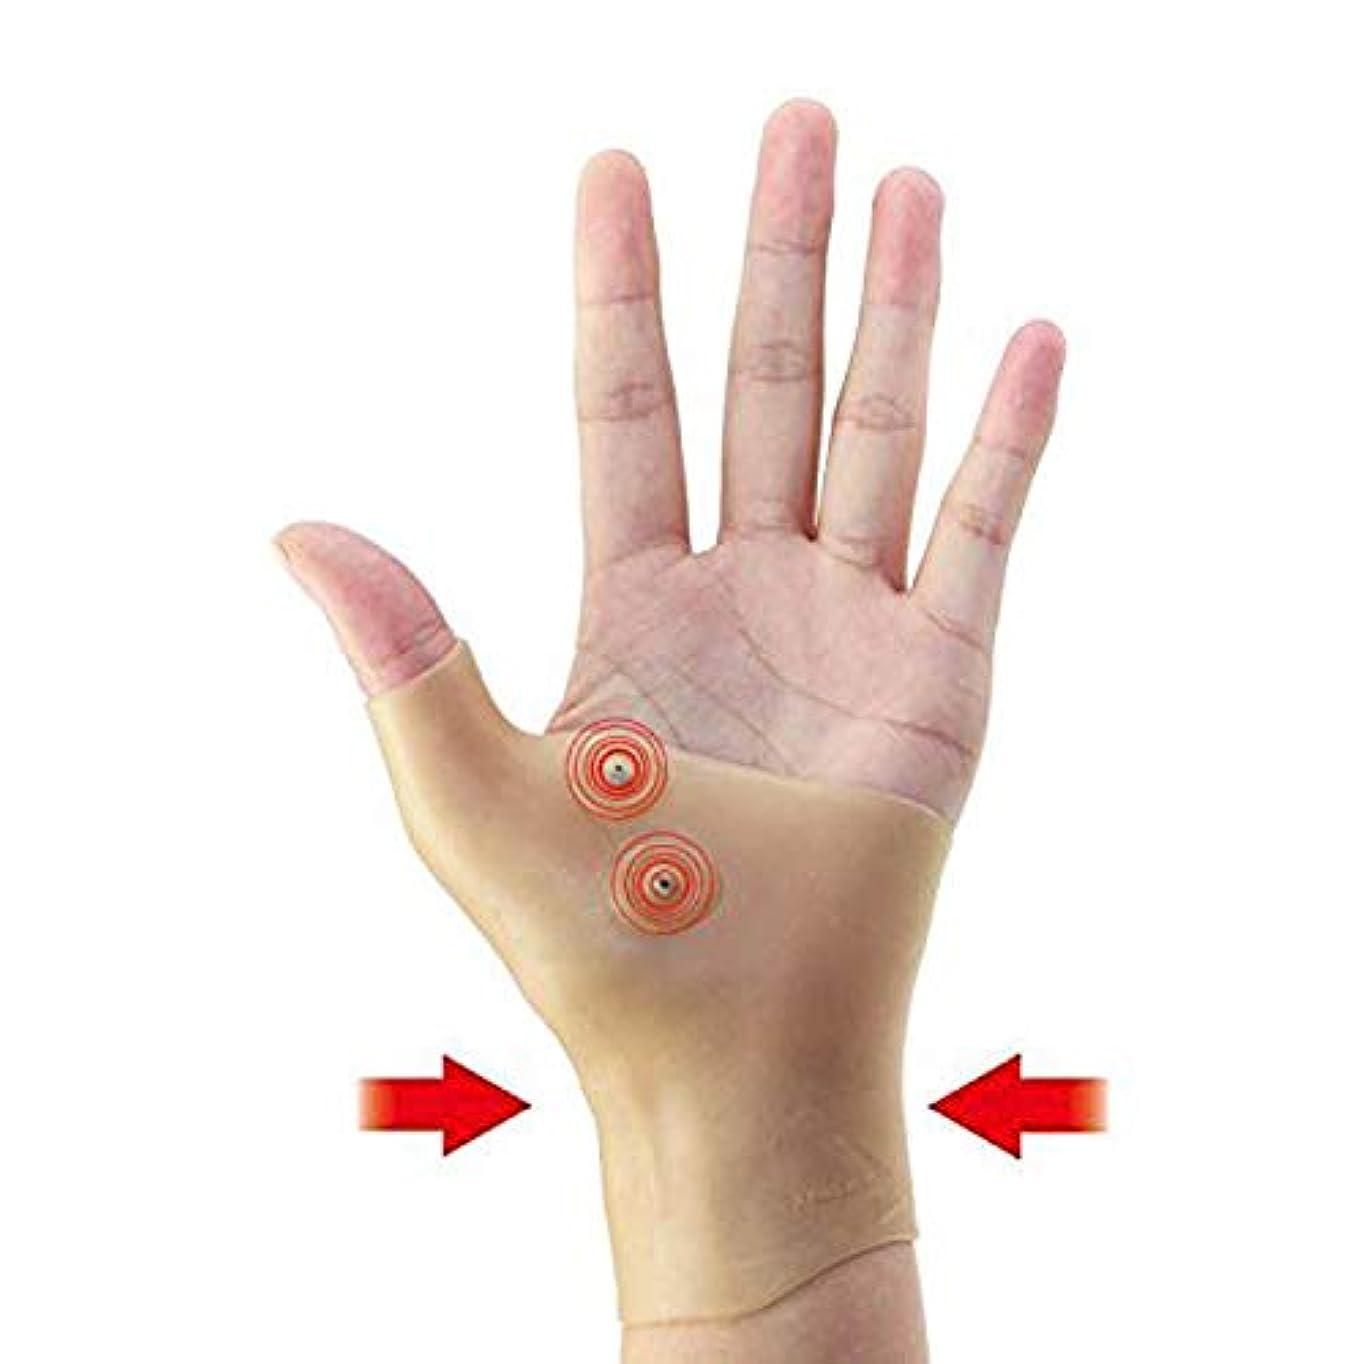 ナイトスポットヒューマニスティック浴室磁気 圧縮手袋 - Delaman 指なし 手袋、健康手袋、圧着効果、疲労減少、健康関節、磁気療法、手首サポーター、ユニセックス